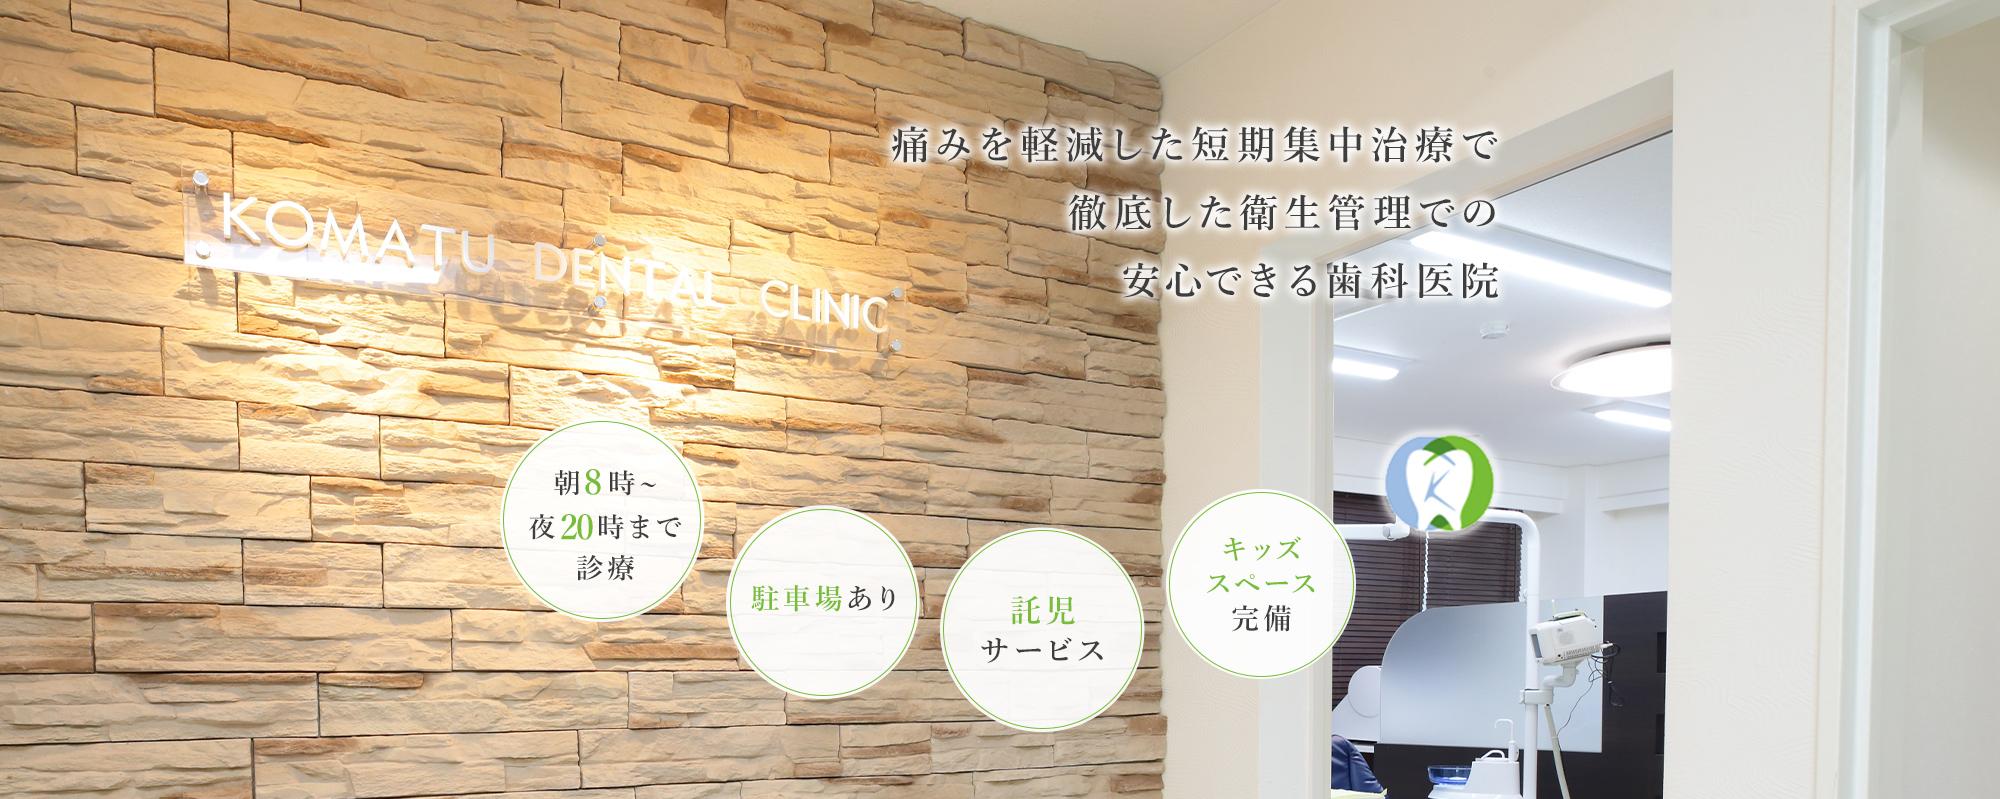 痛みを軽減した短期集中治療で徹底した衛生管理での安心できる歯科医院